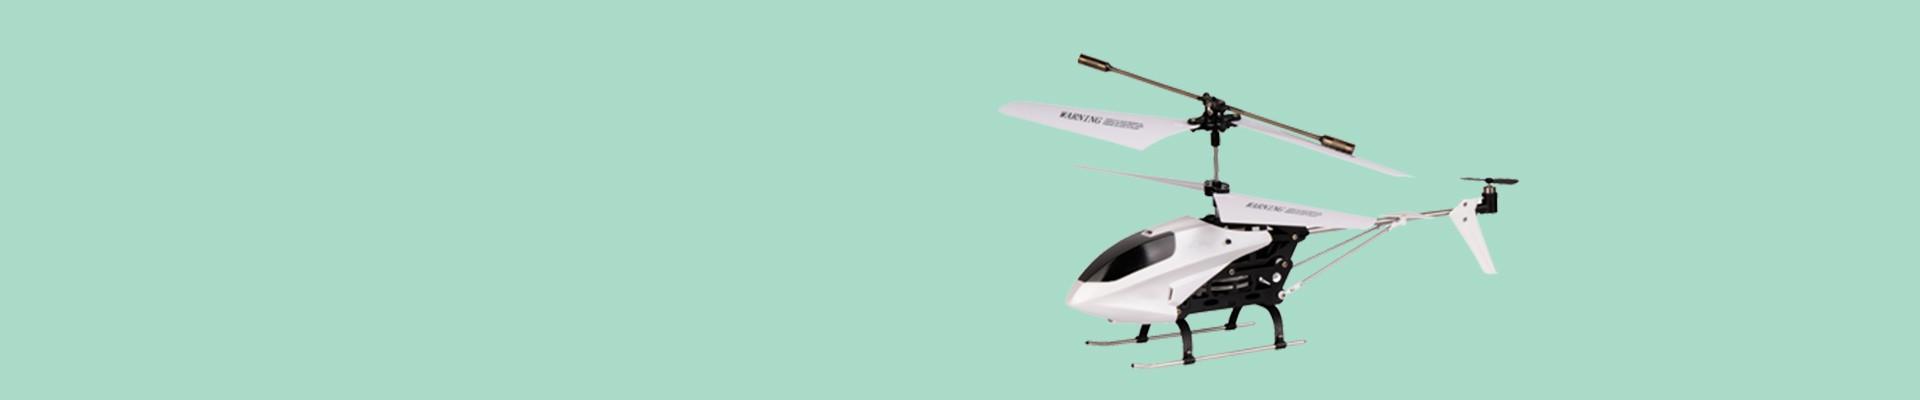 Jual Helikopter RC - Harga Terbaik